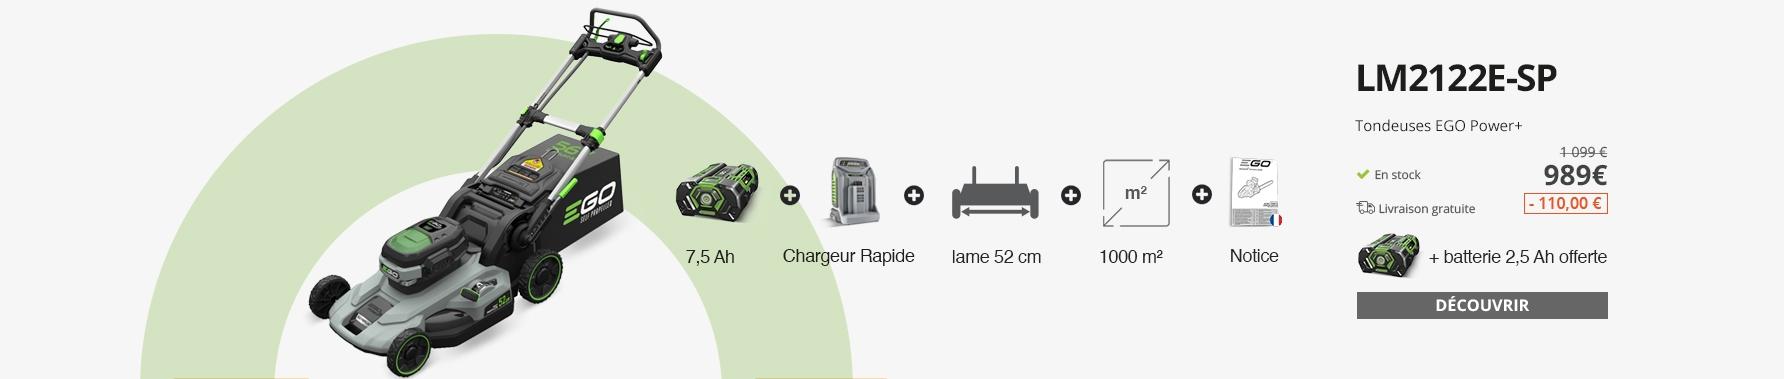 Tondeuse à gazon sans fil tractée Ego Power + coupe 52 cm batterie 7,5Ah chargeur rapide inclus LM2122E-SP